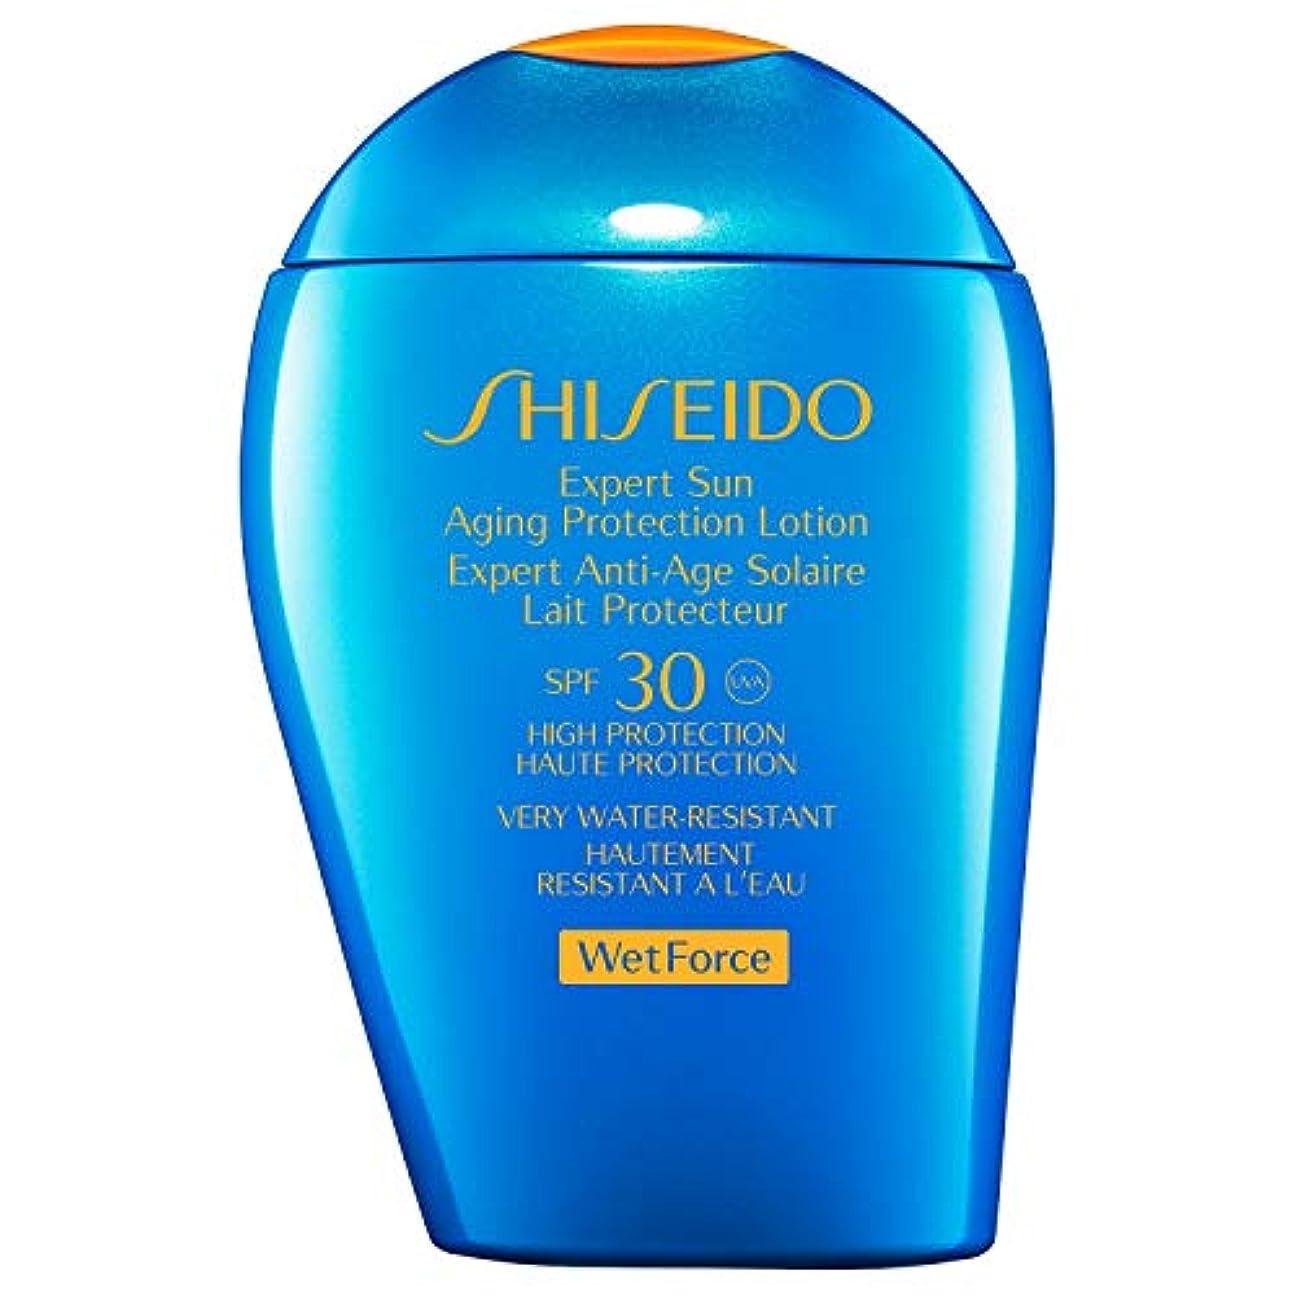 きゅうりちなみに自信がある[Shiseido] 保護ローションSpf 30 100ミリリットルを老化専門日Wetforce資生堂 - Shiseido Wetforce Expert Sun Aging Protection Lotion Spf...